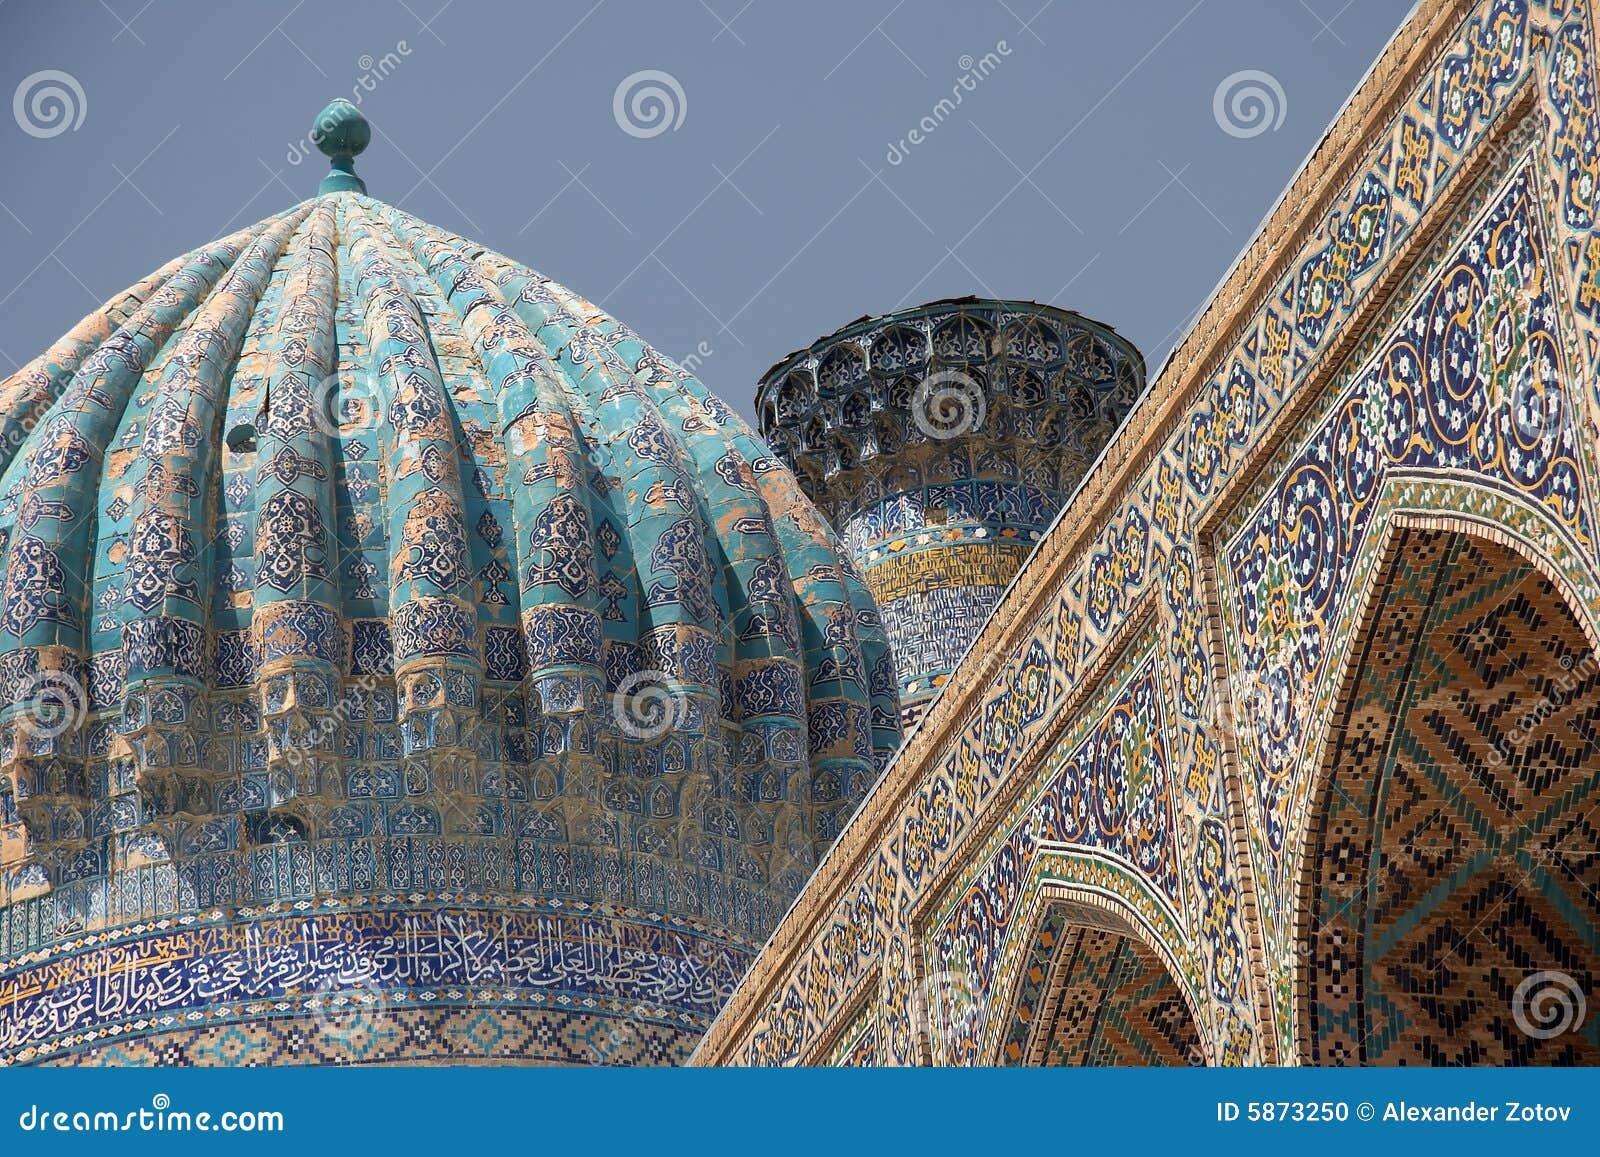 зодчество исламский samarkand uzbekistan